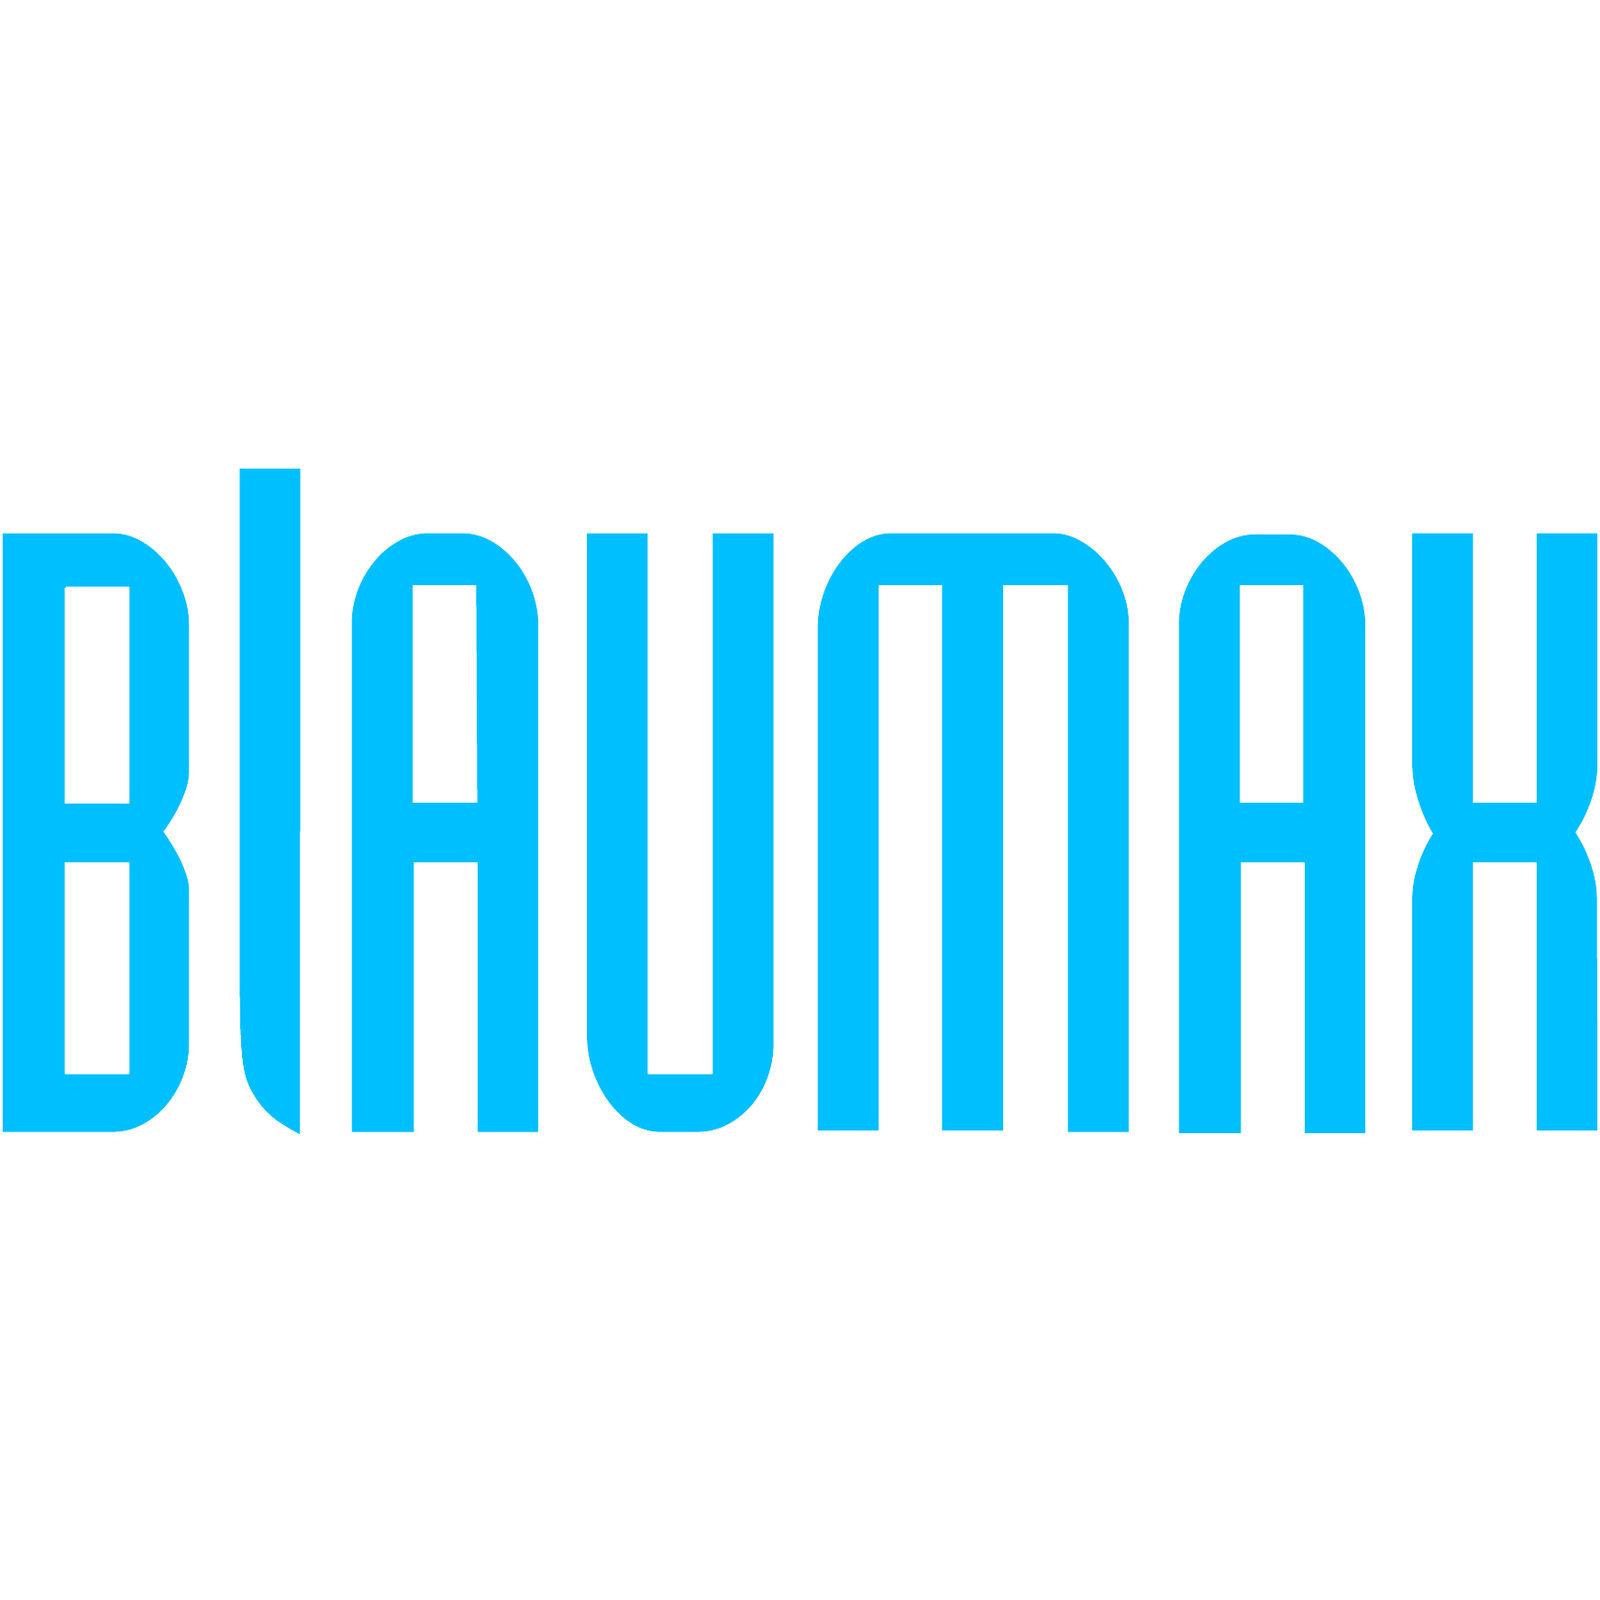 BLAUMAX in Deutschland (Bild 1)